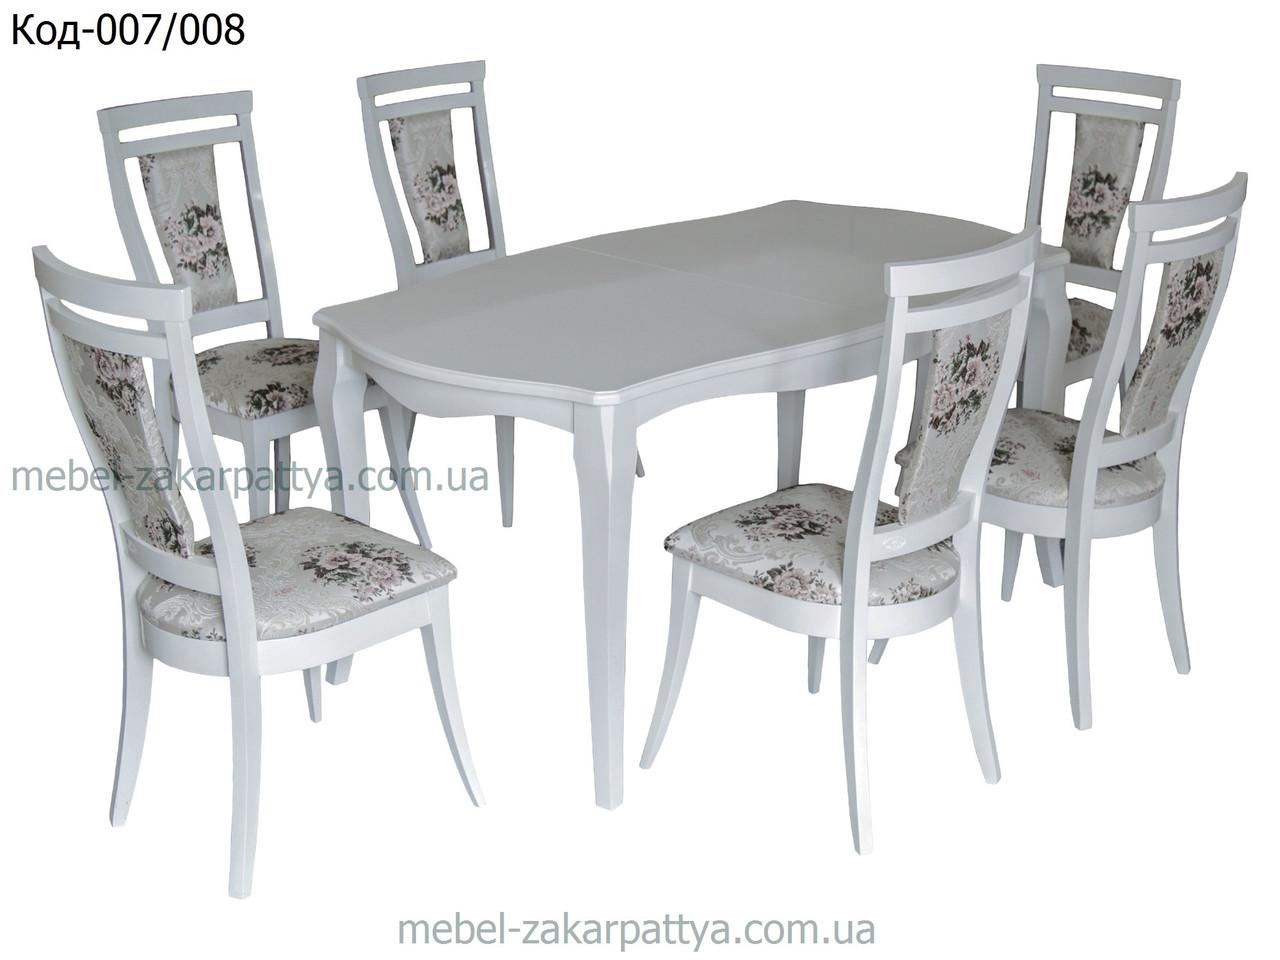 Комплект обеденный (стол и стулья) Код-007/008